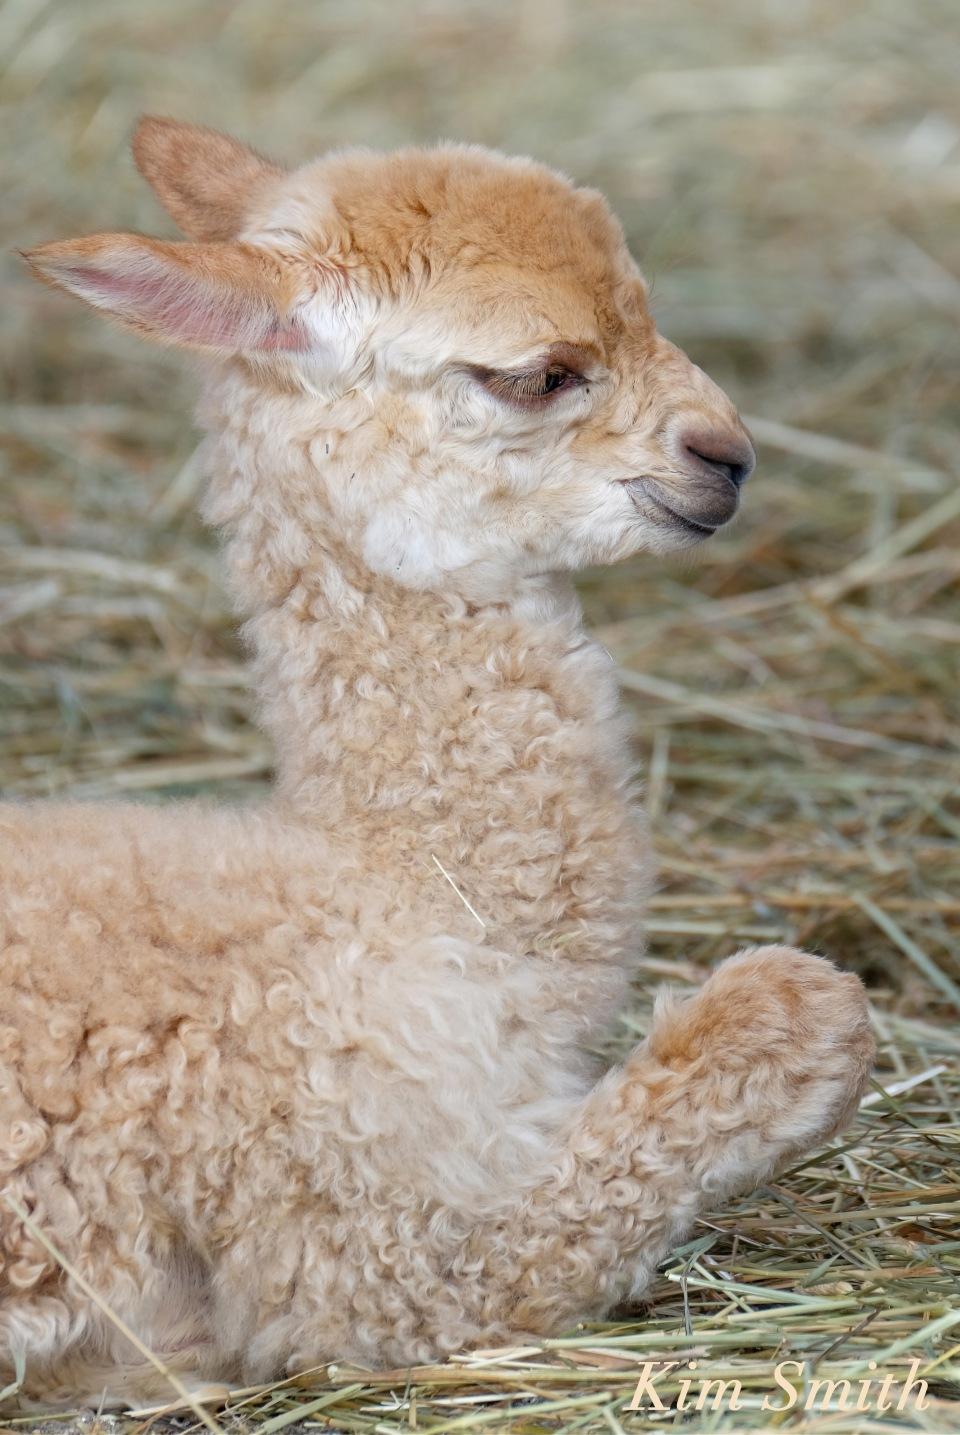 Harumby Marshall's Alpaca Farm copyright Kim Smith